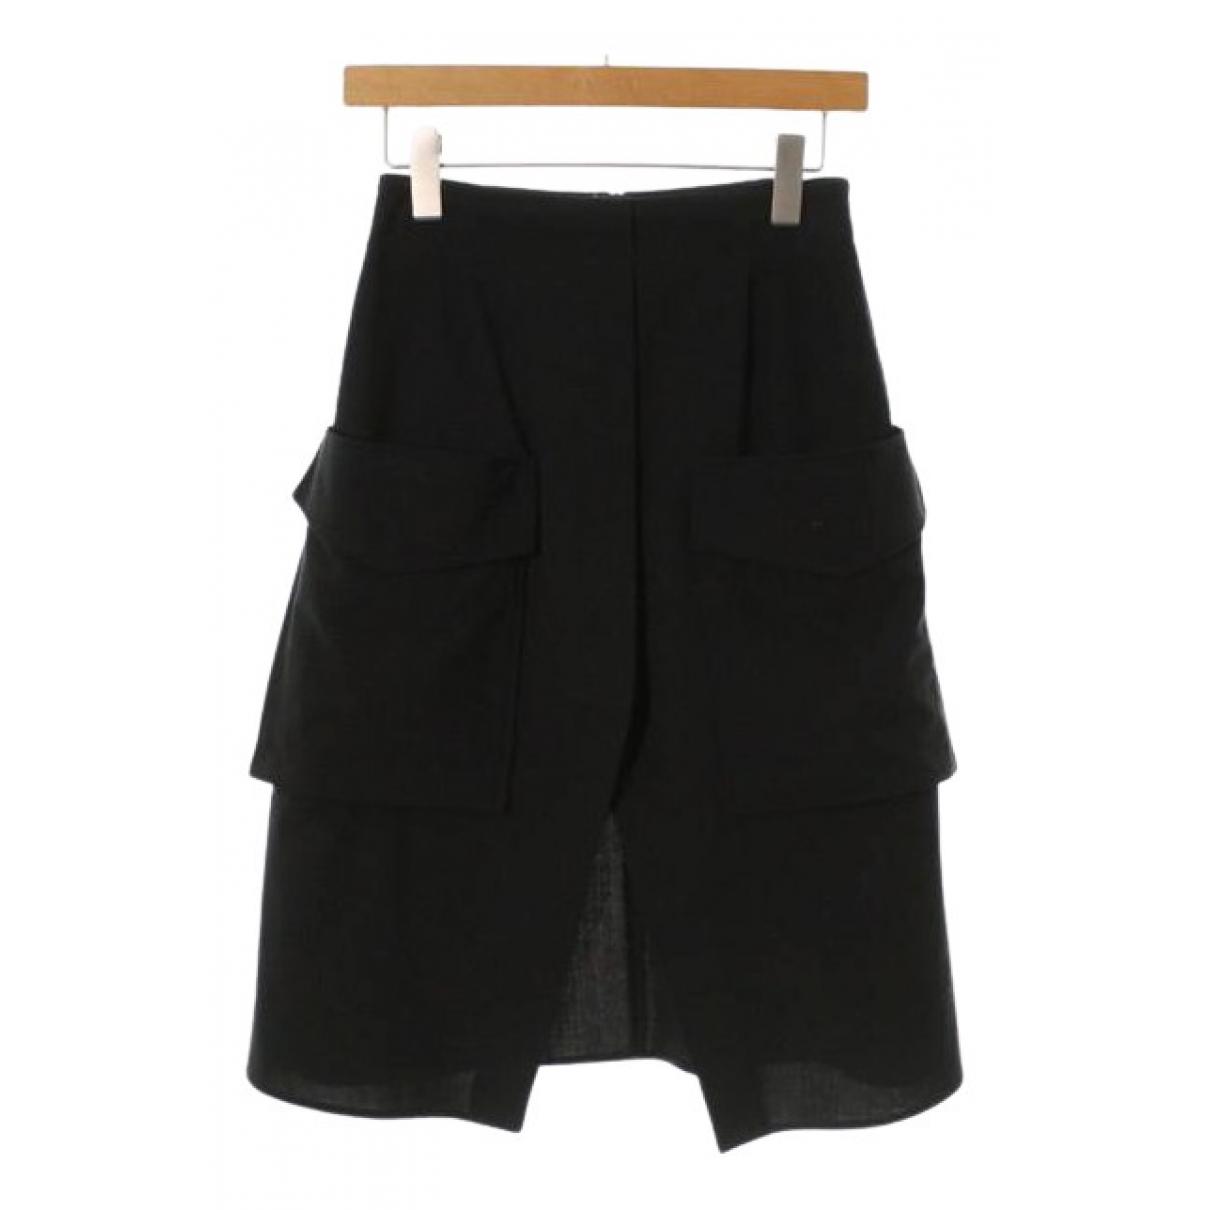 Acne Studios \N Black skirt for Women 34 FR